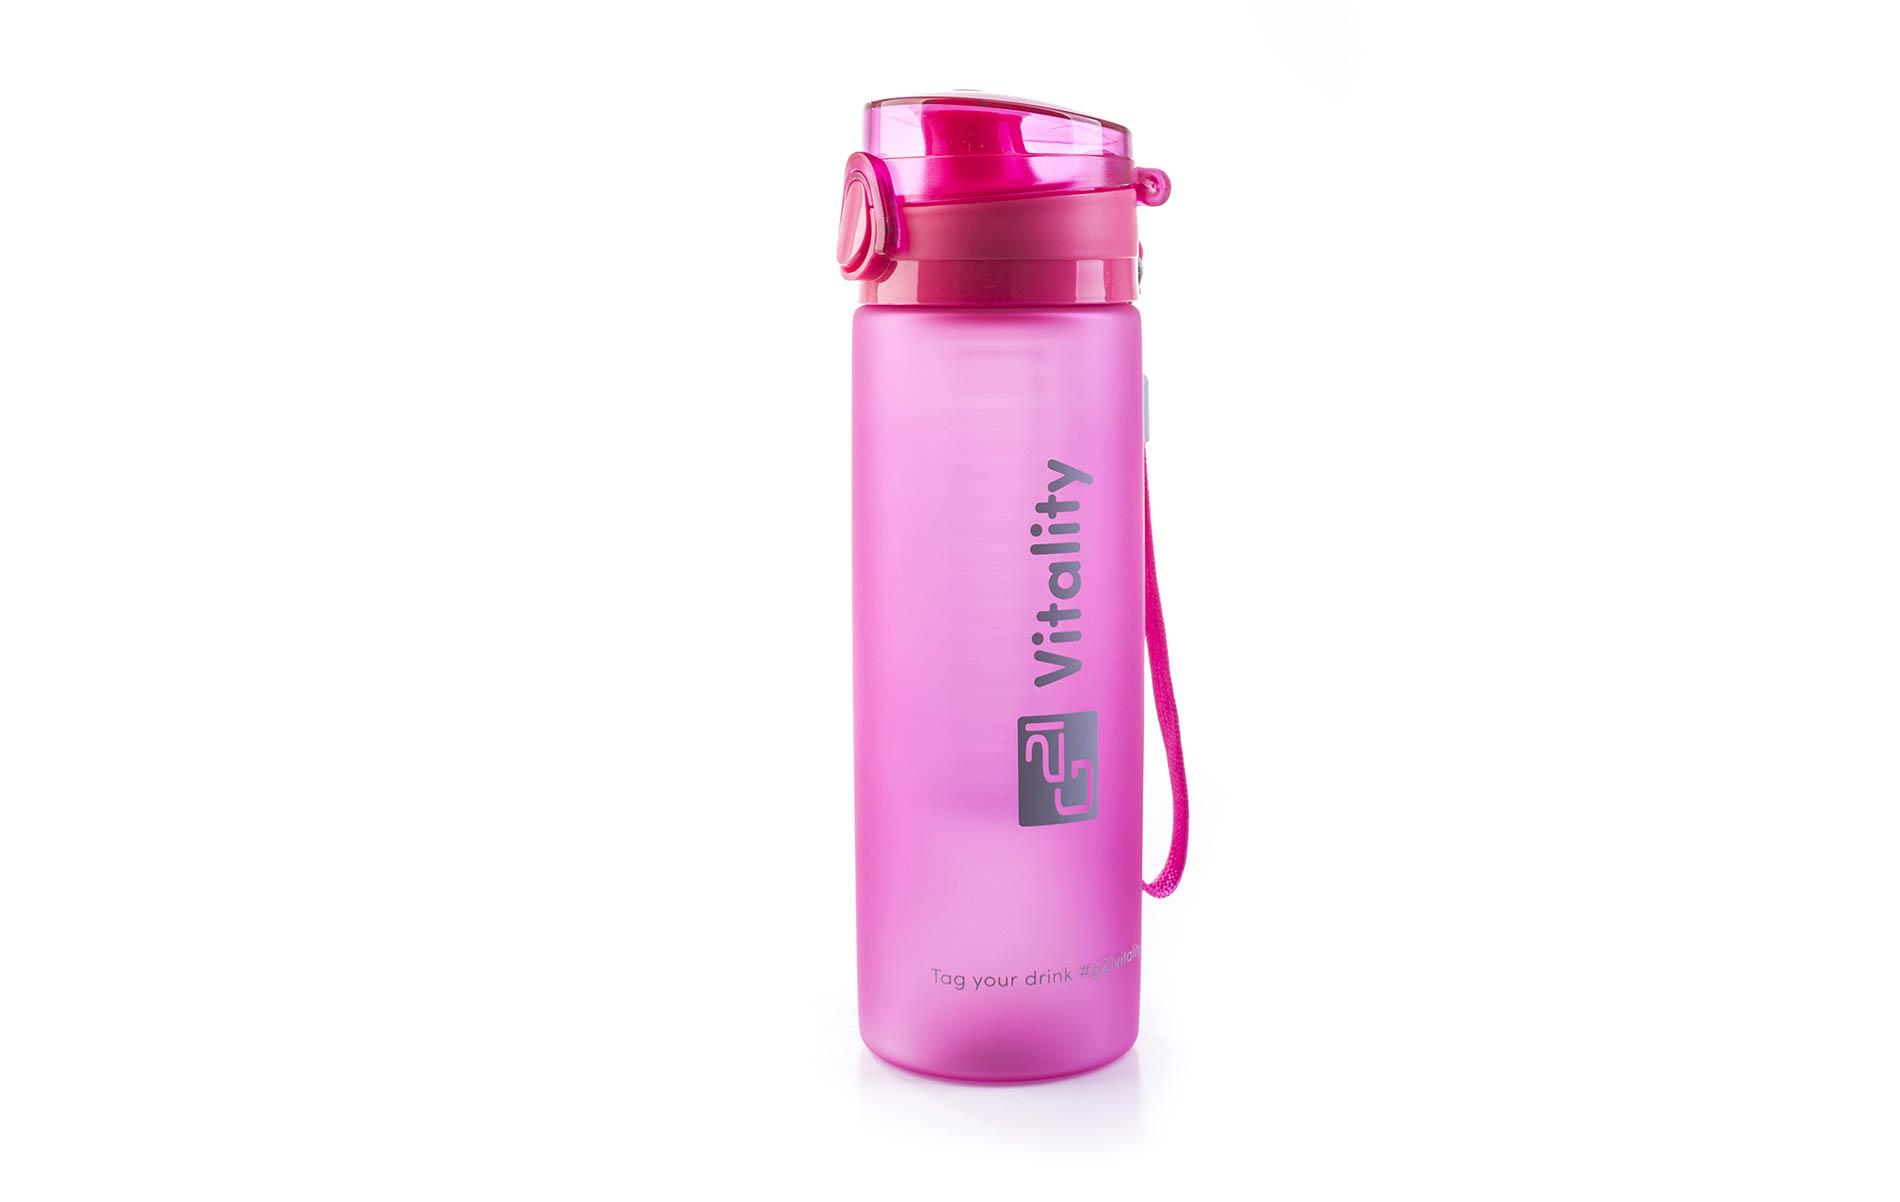 Růžová láhev G21 na smoothie/juice má objem 600 ml